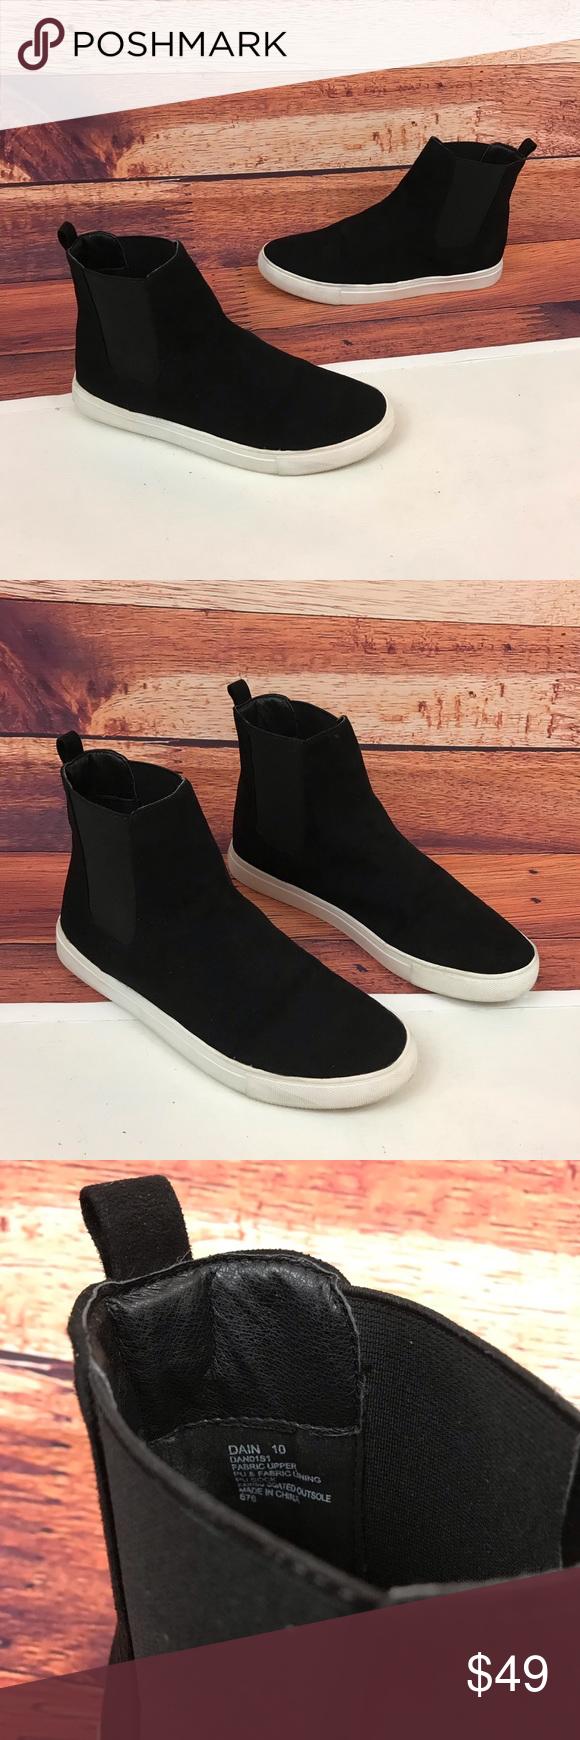 0cec404d68d Steve Madden Dain Black High Top Sneakers Size 10 Steve Madden Dain ...